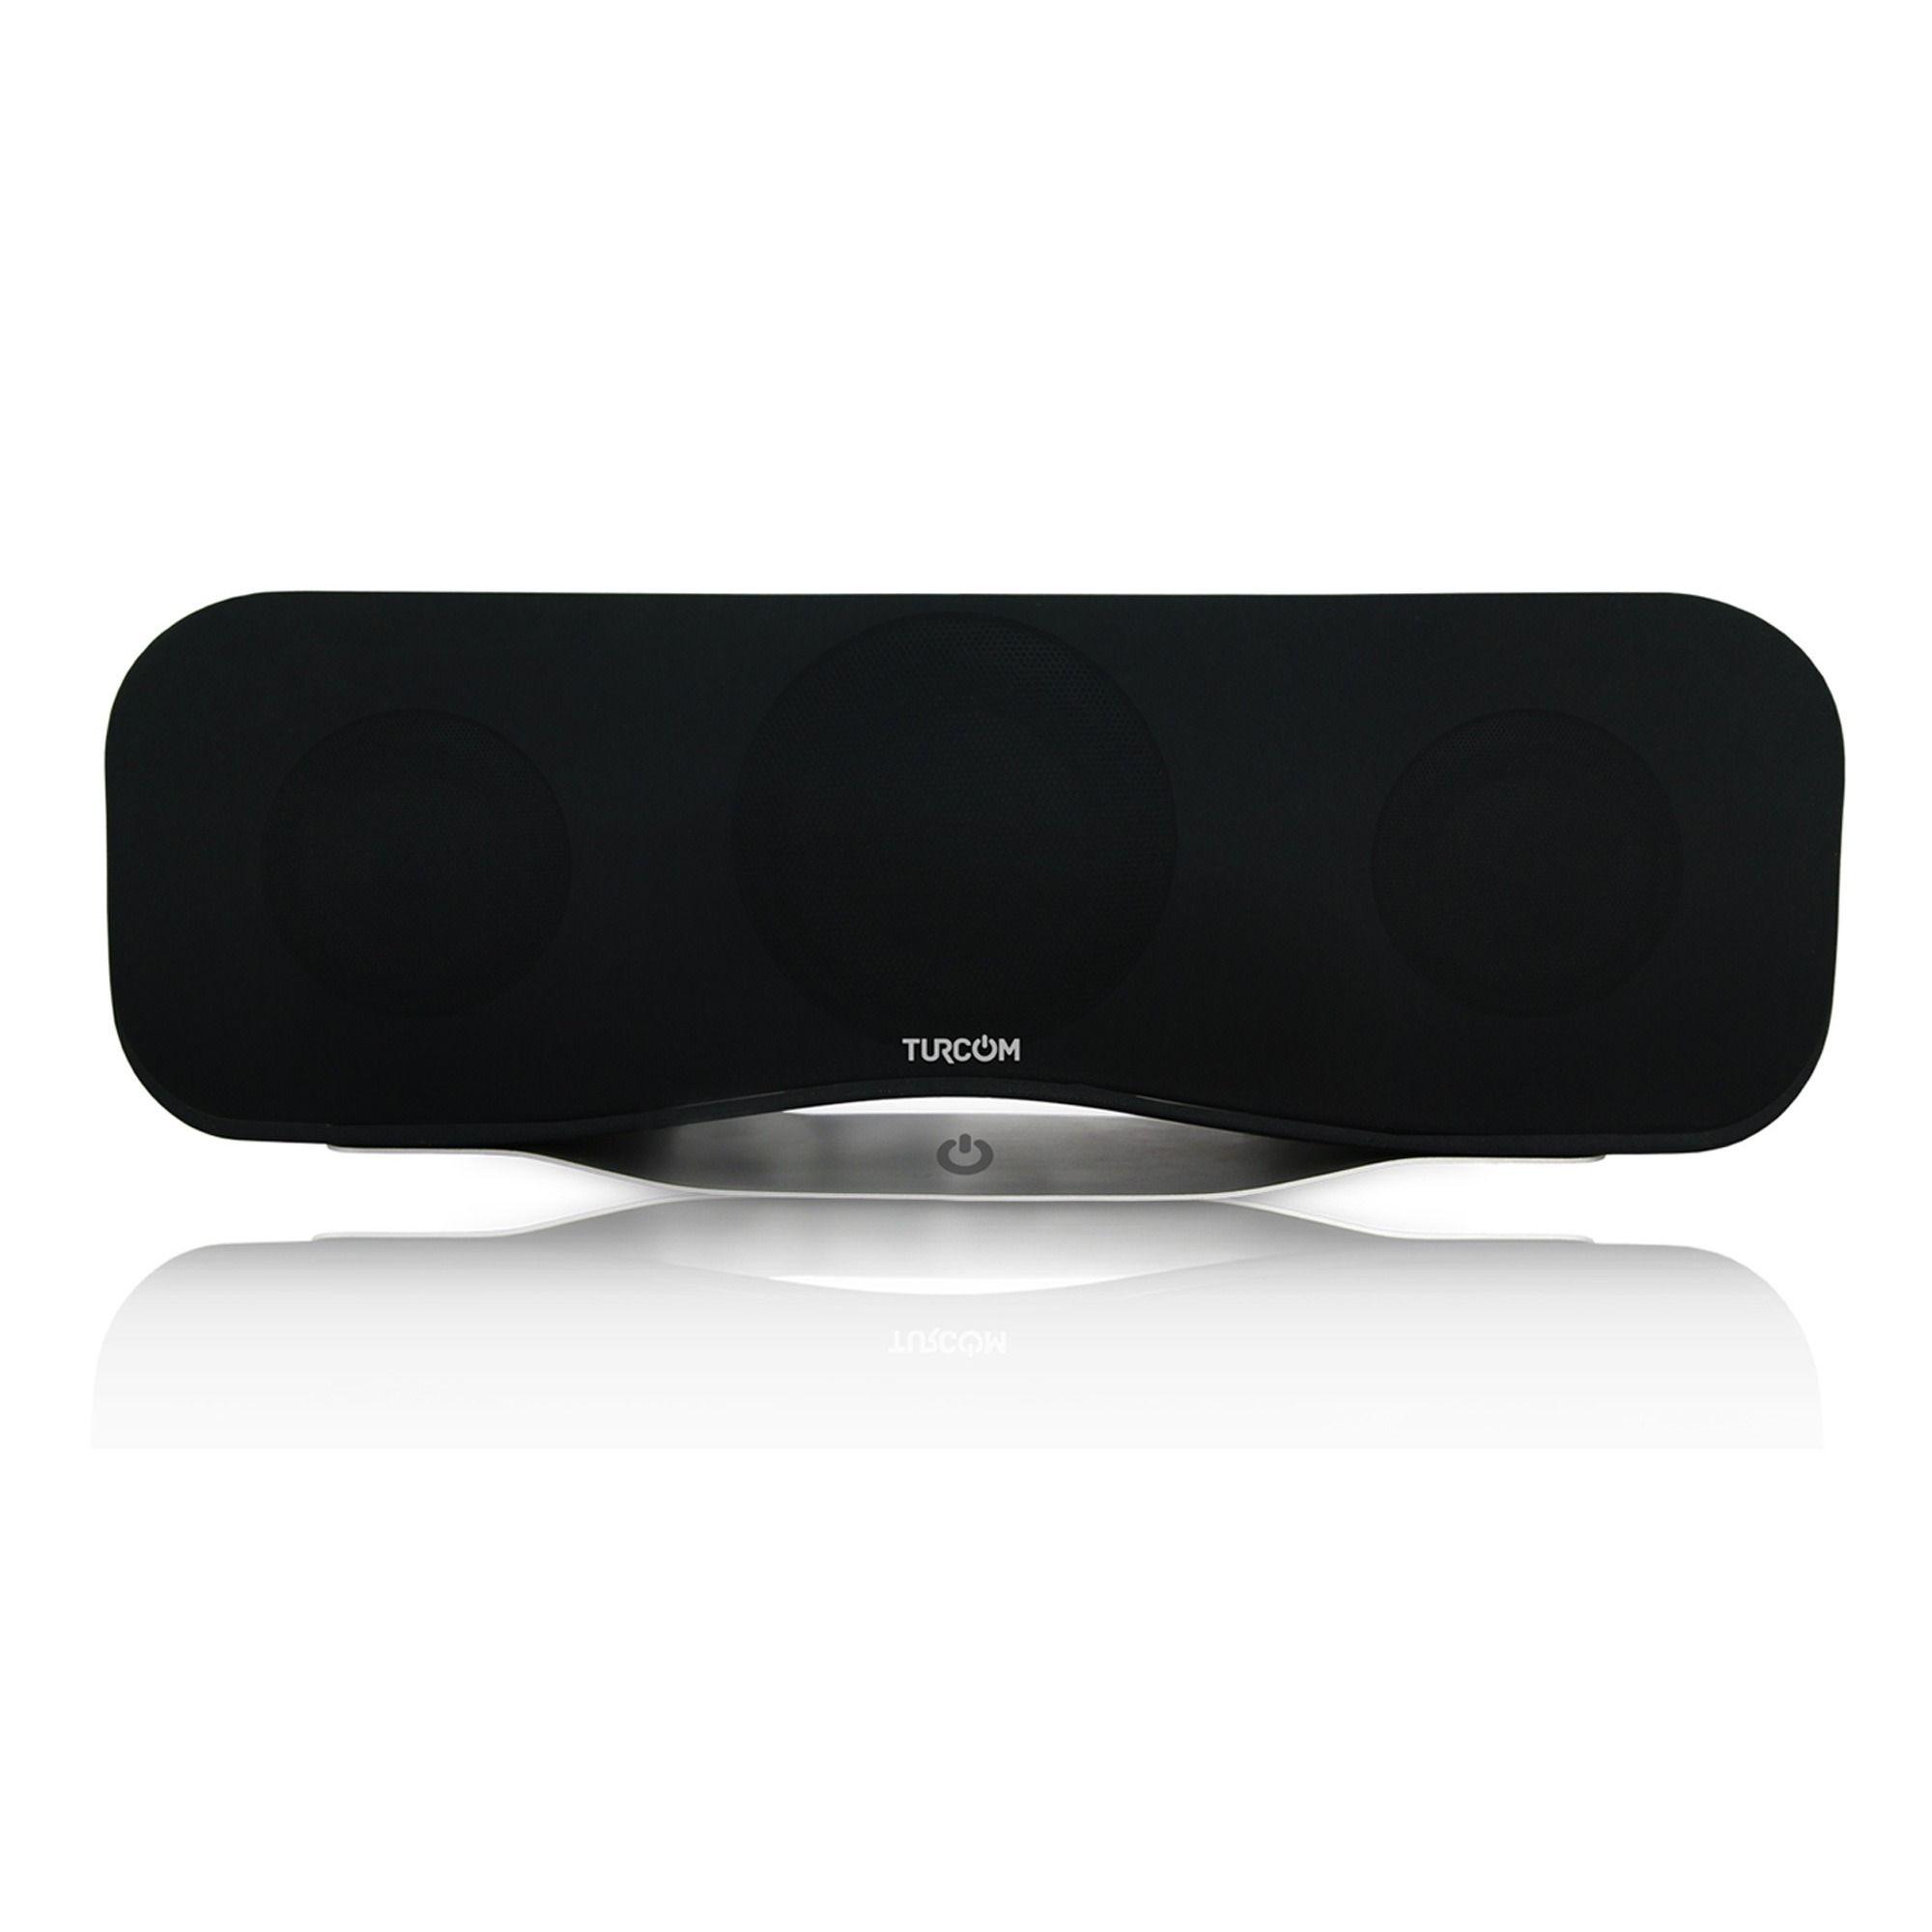 Turcom 40-watt Ultra Bass Bluetooth 4.0 Speaker #TS-460